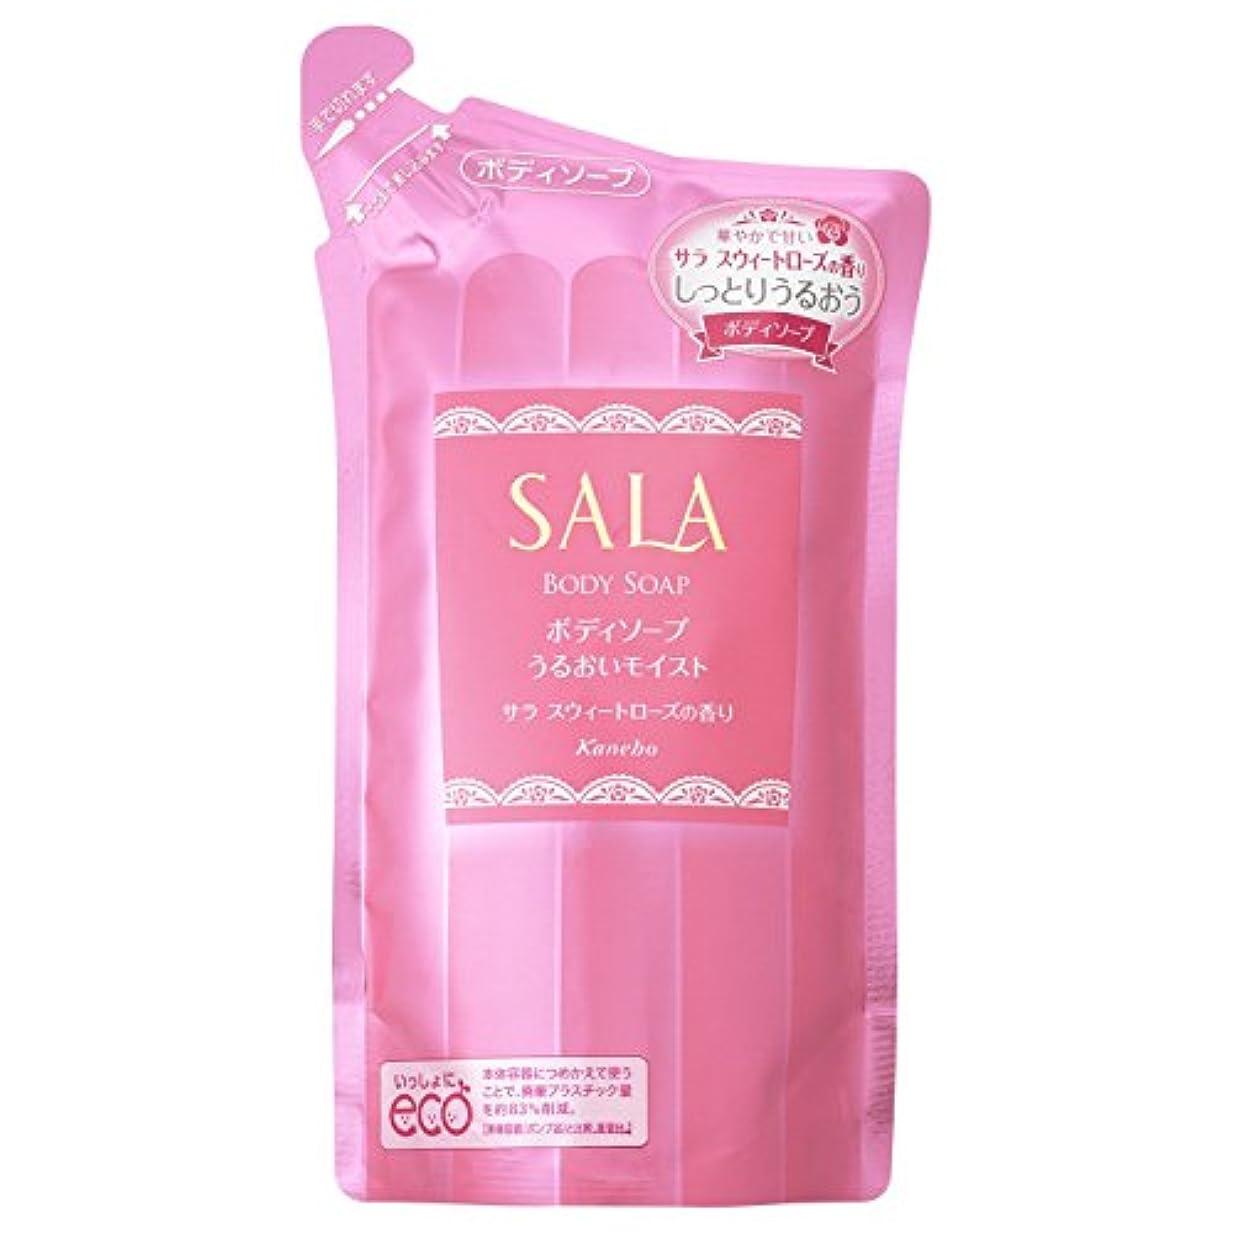 に沿って平和電話に出るサラ ボディソープ うるおいモイスト つめかえ用 サラスウィートローズの香り